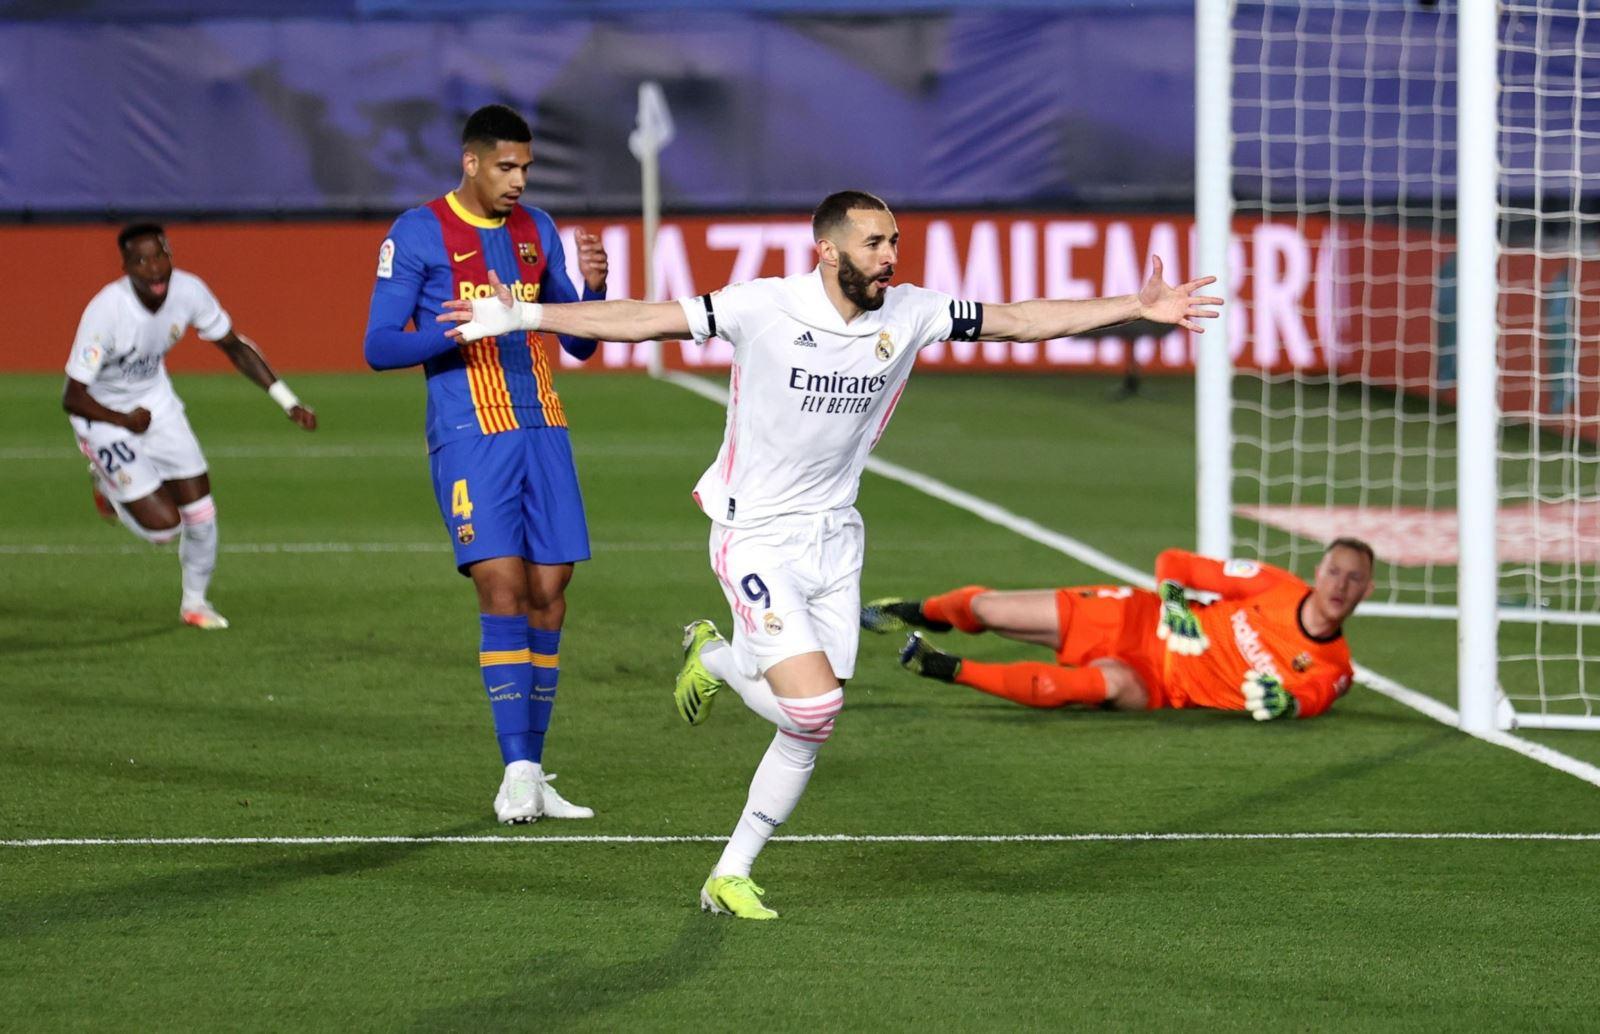 Kết quả bóng đá, Real Madrid vs Barcelona, Kết quả La Liga, BXH La Liga, Kqbd, kết quả Real Madrid vs Barcelona, Barcelona đấu với Real Madrid, Kinh điển, El Clasico